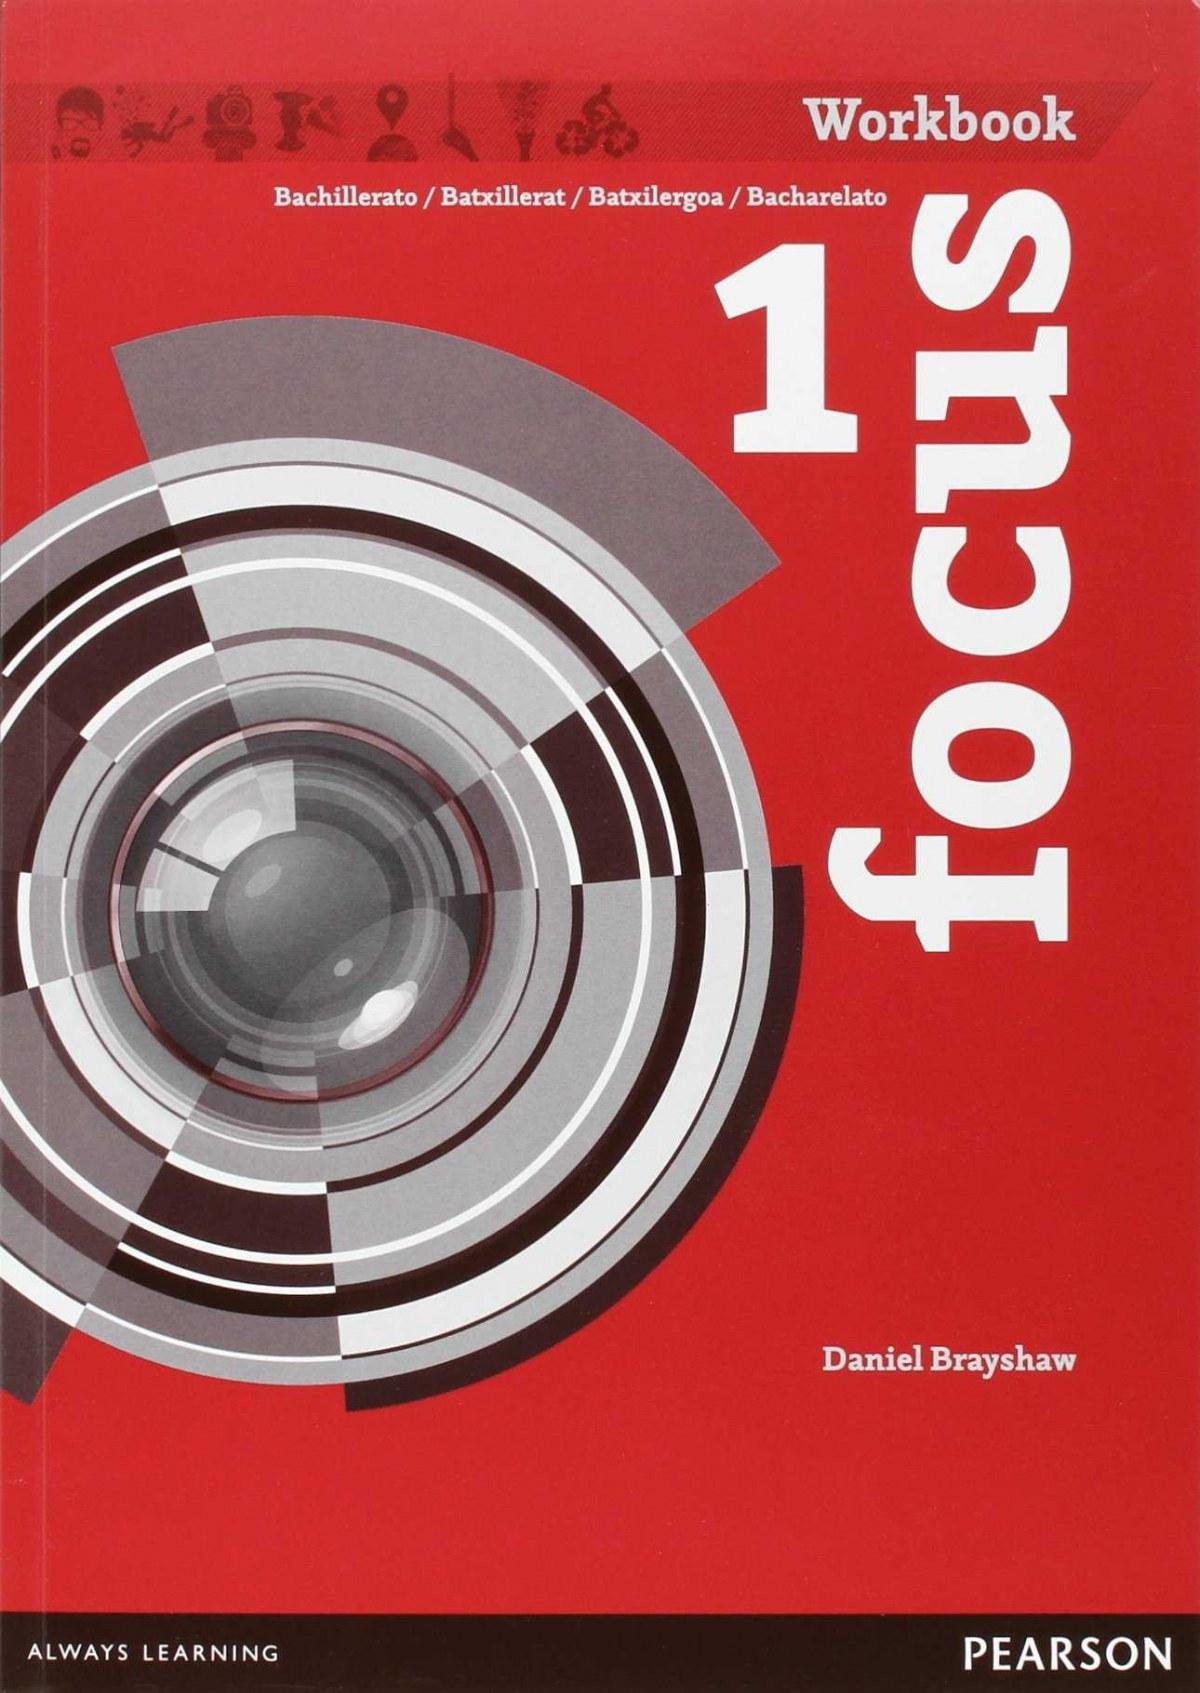 Focus spain 1ºbach. Workbook